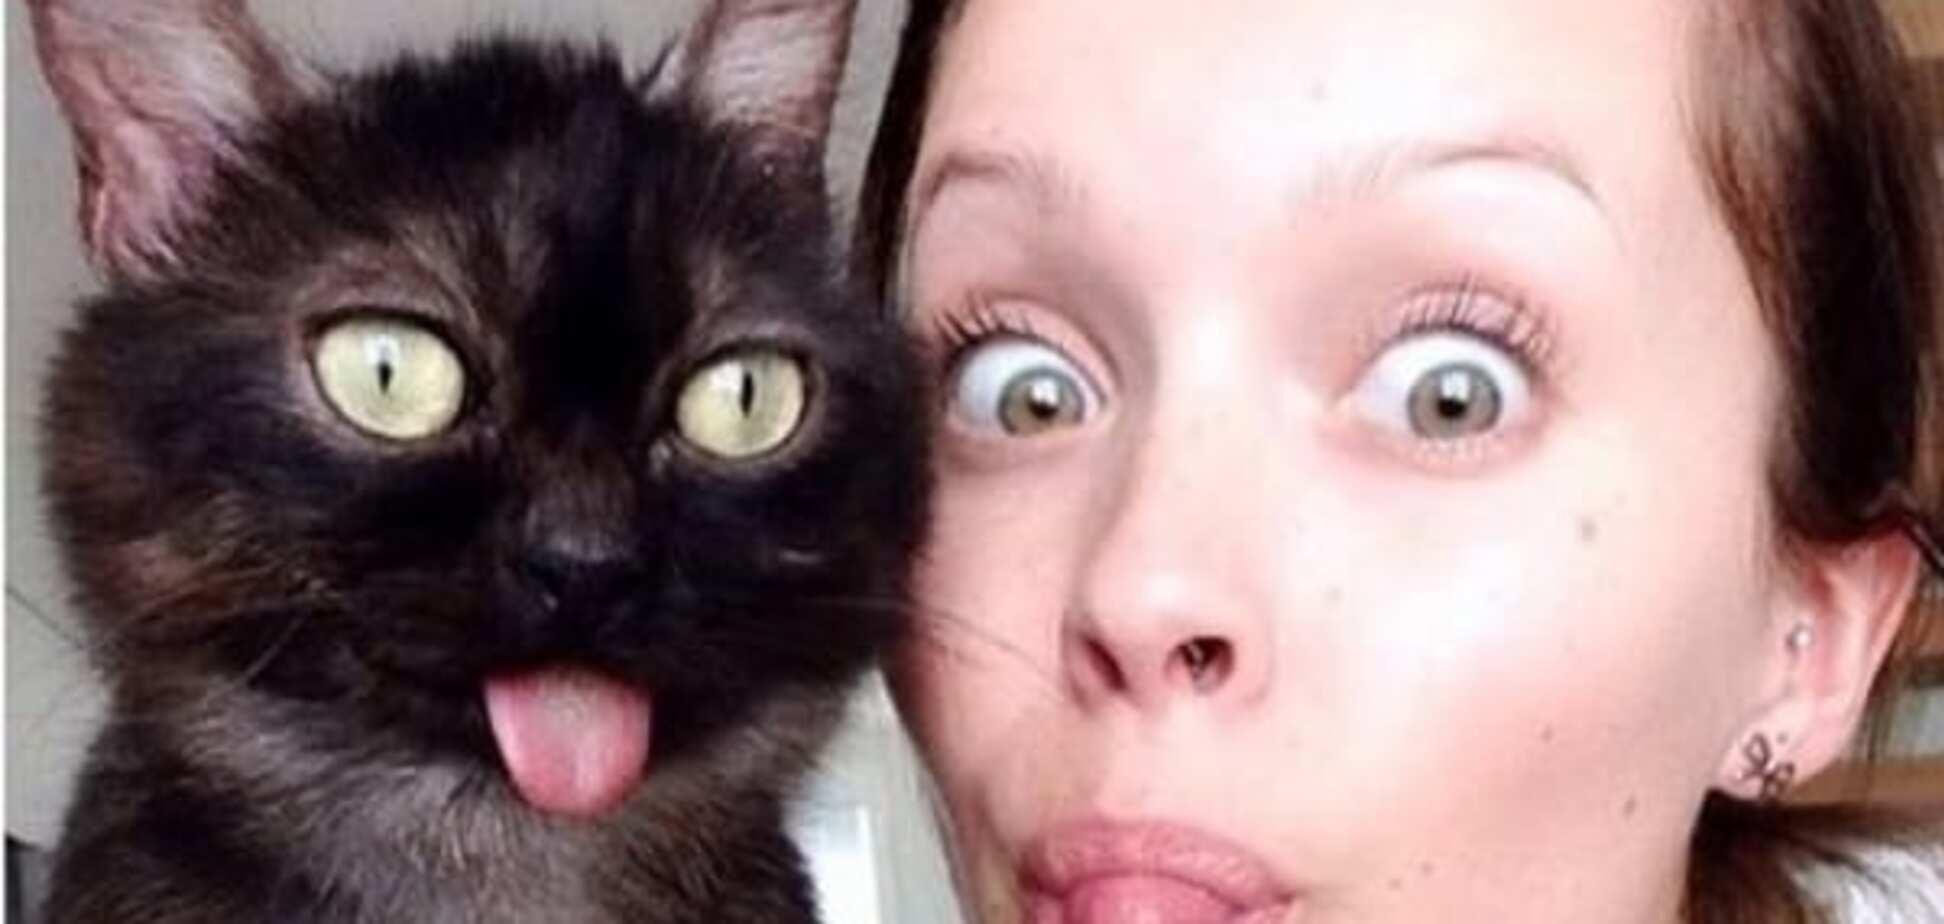 Чудной кот, показывающий язык, стал новой звездой интернета: забавные фото